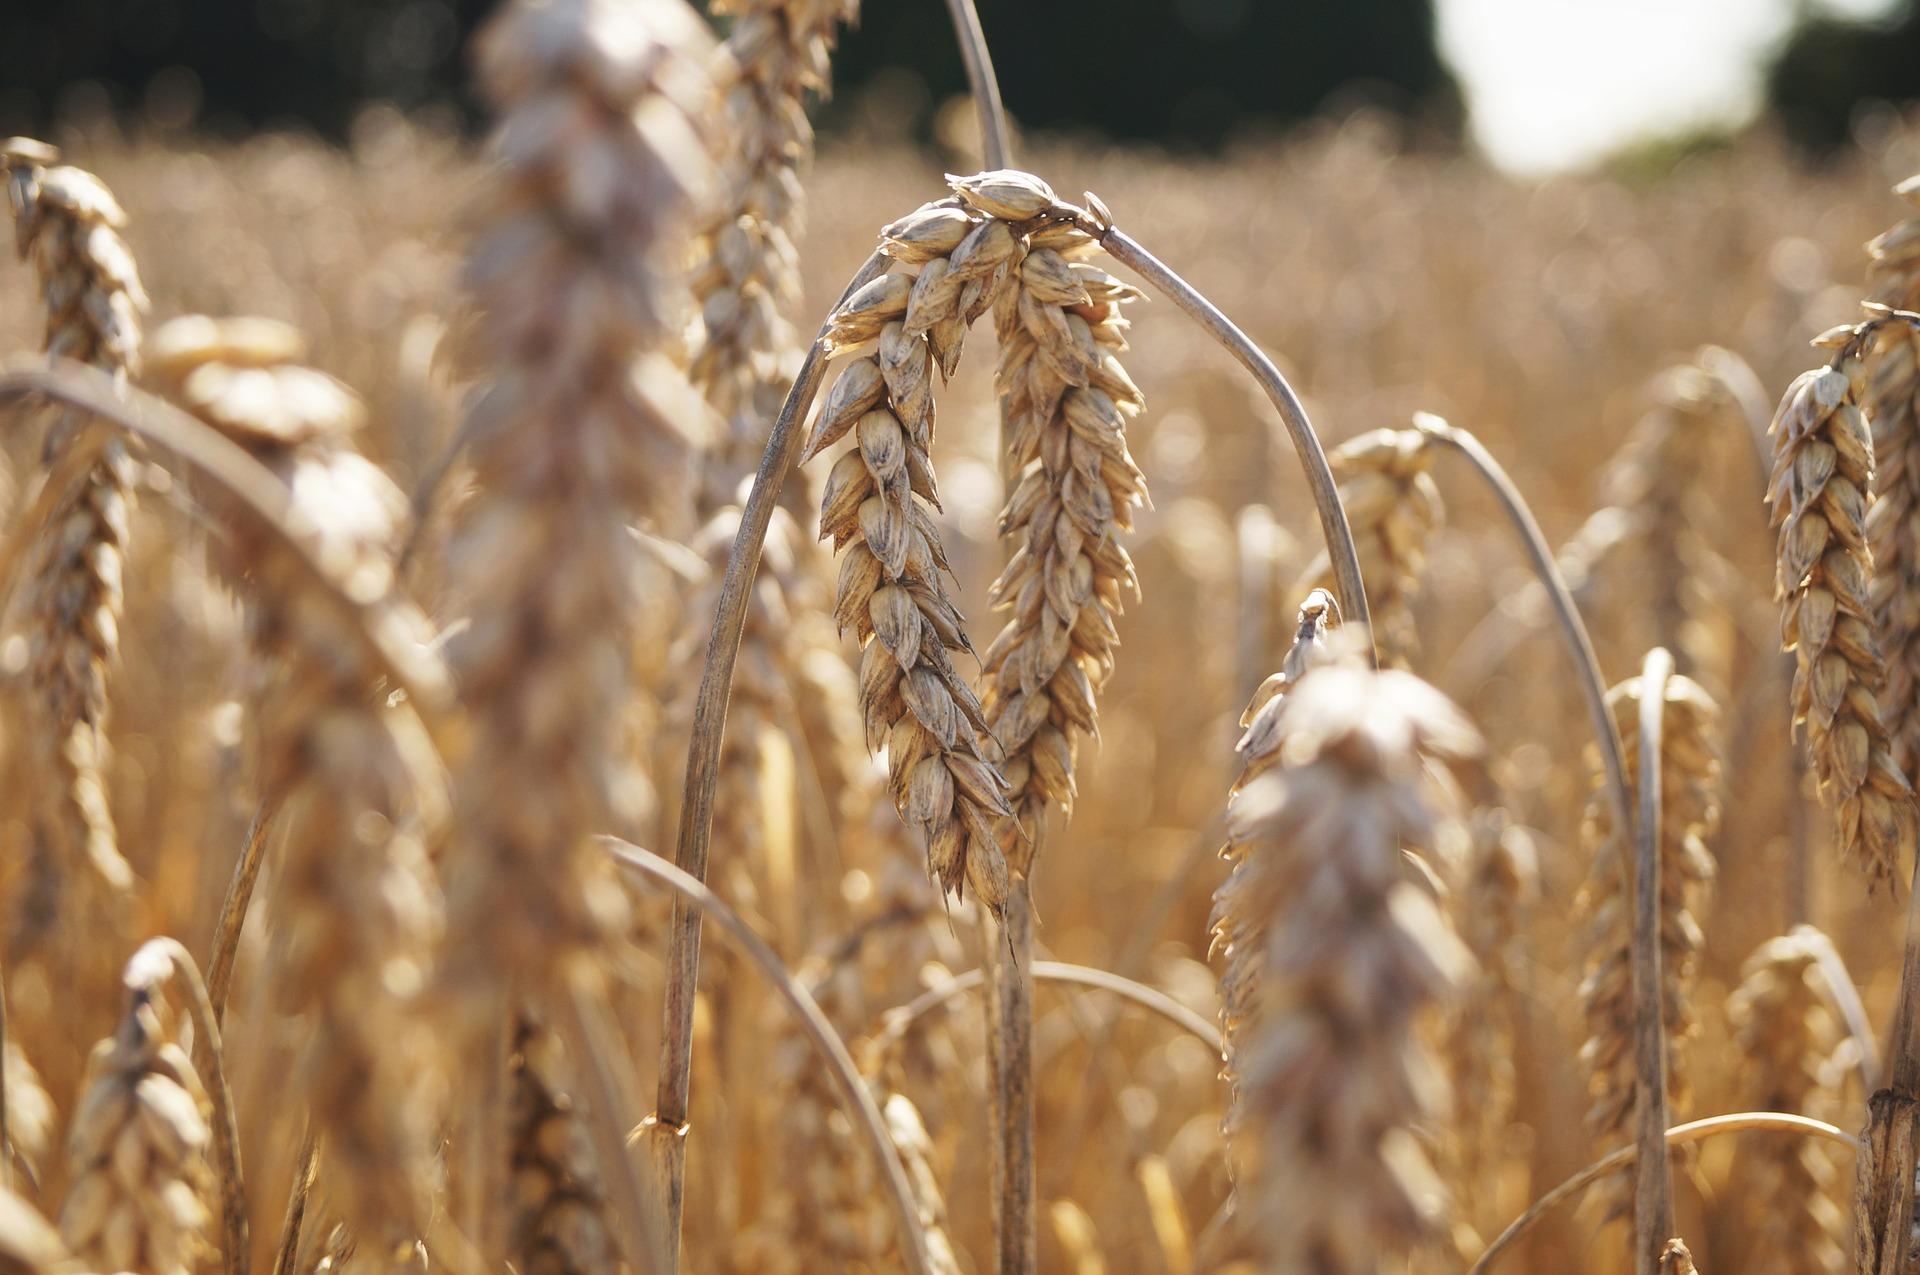 В Україні необхідно переглянути нормативно грошову оцінку земель сільгосппризначення